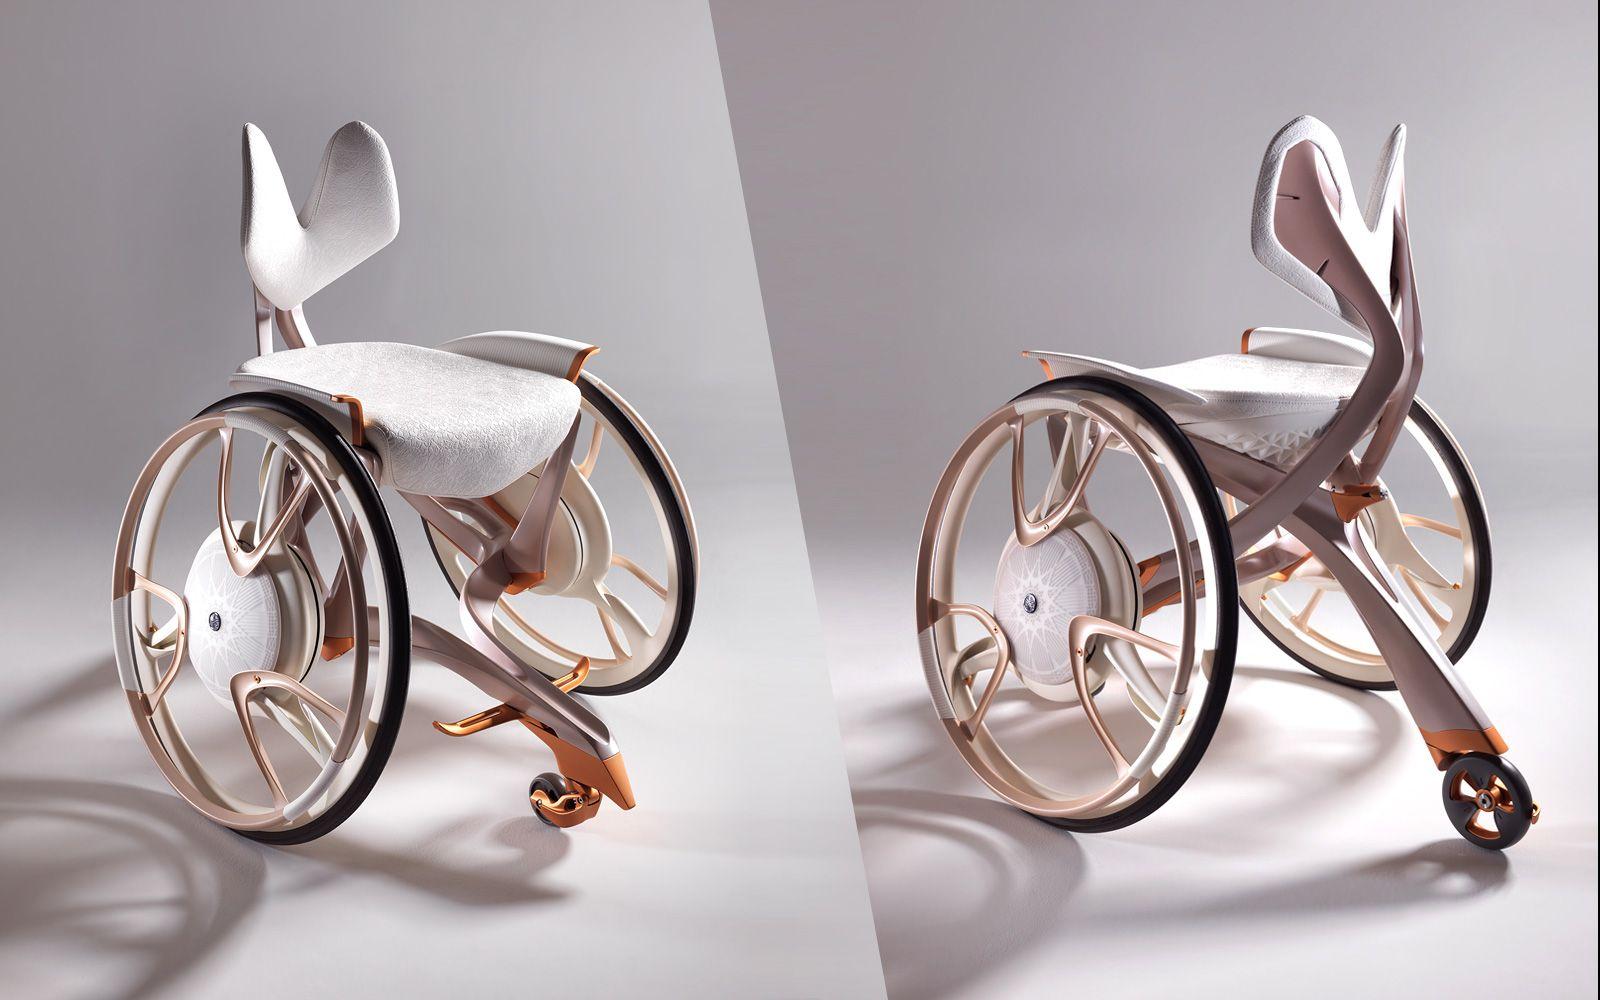 차세대 전동 휠체어 컨셉트 모델 'Taurus'와 '02GEN' - 이미지